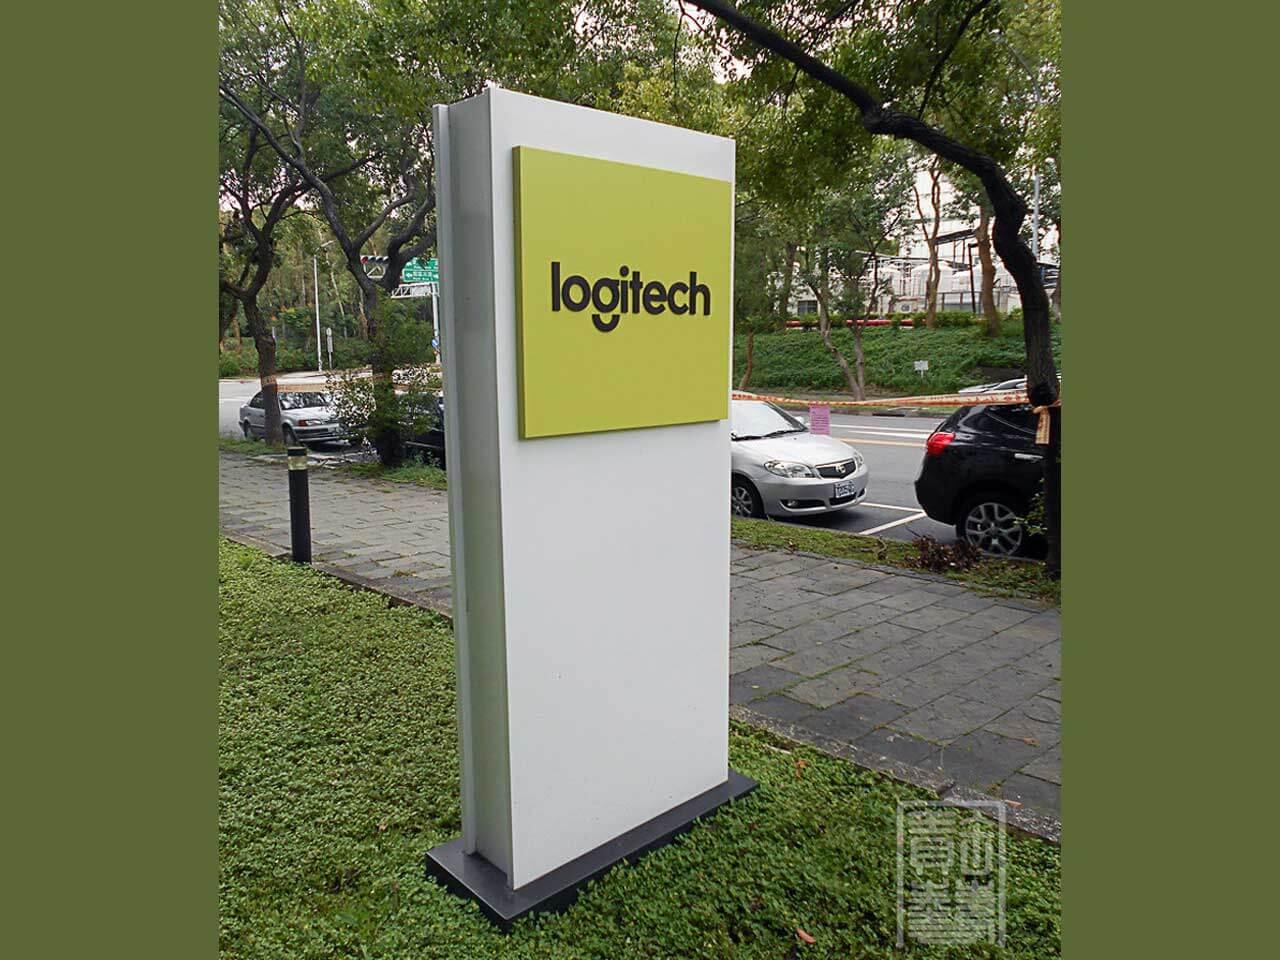 logitech4